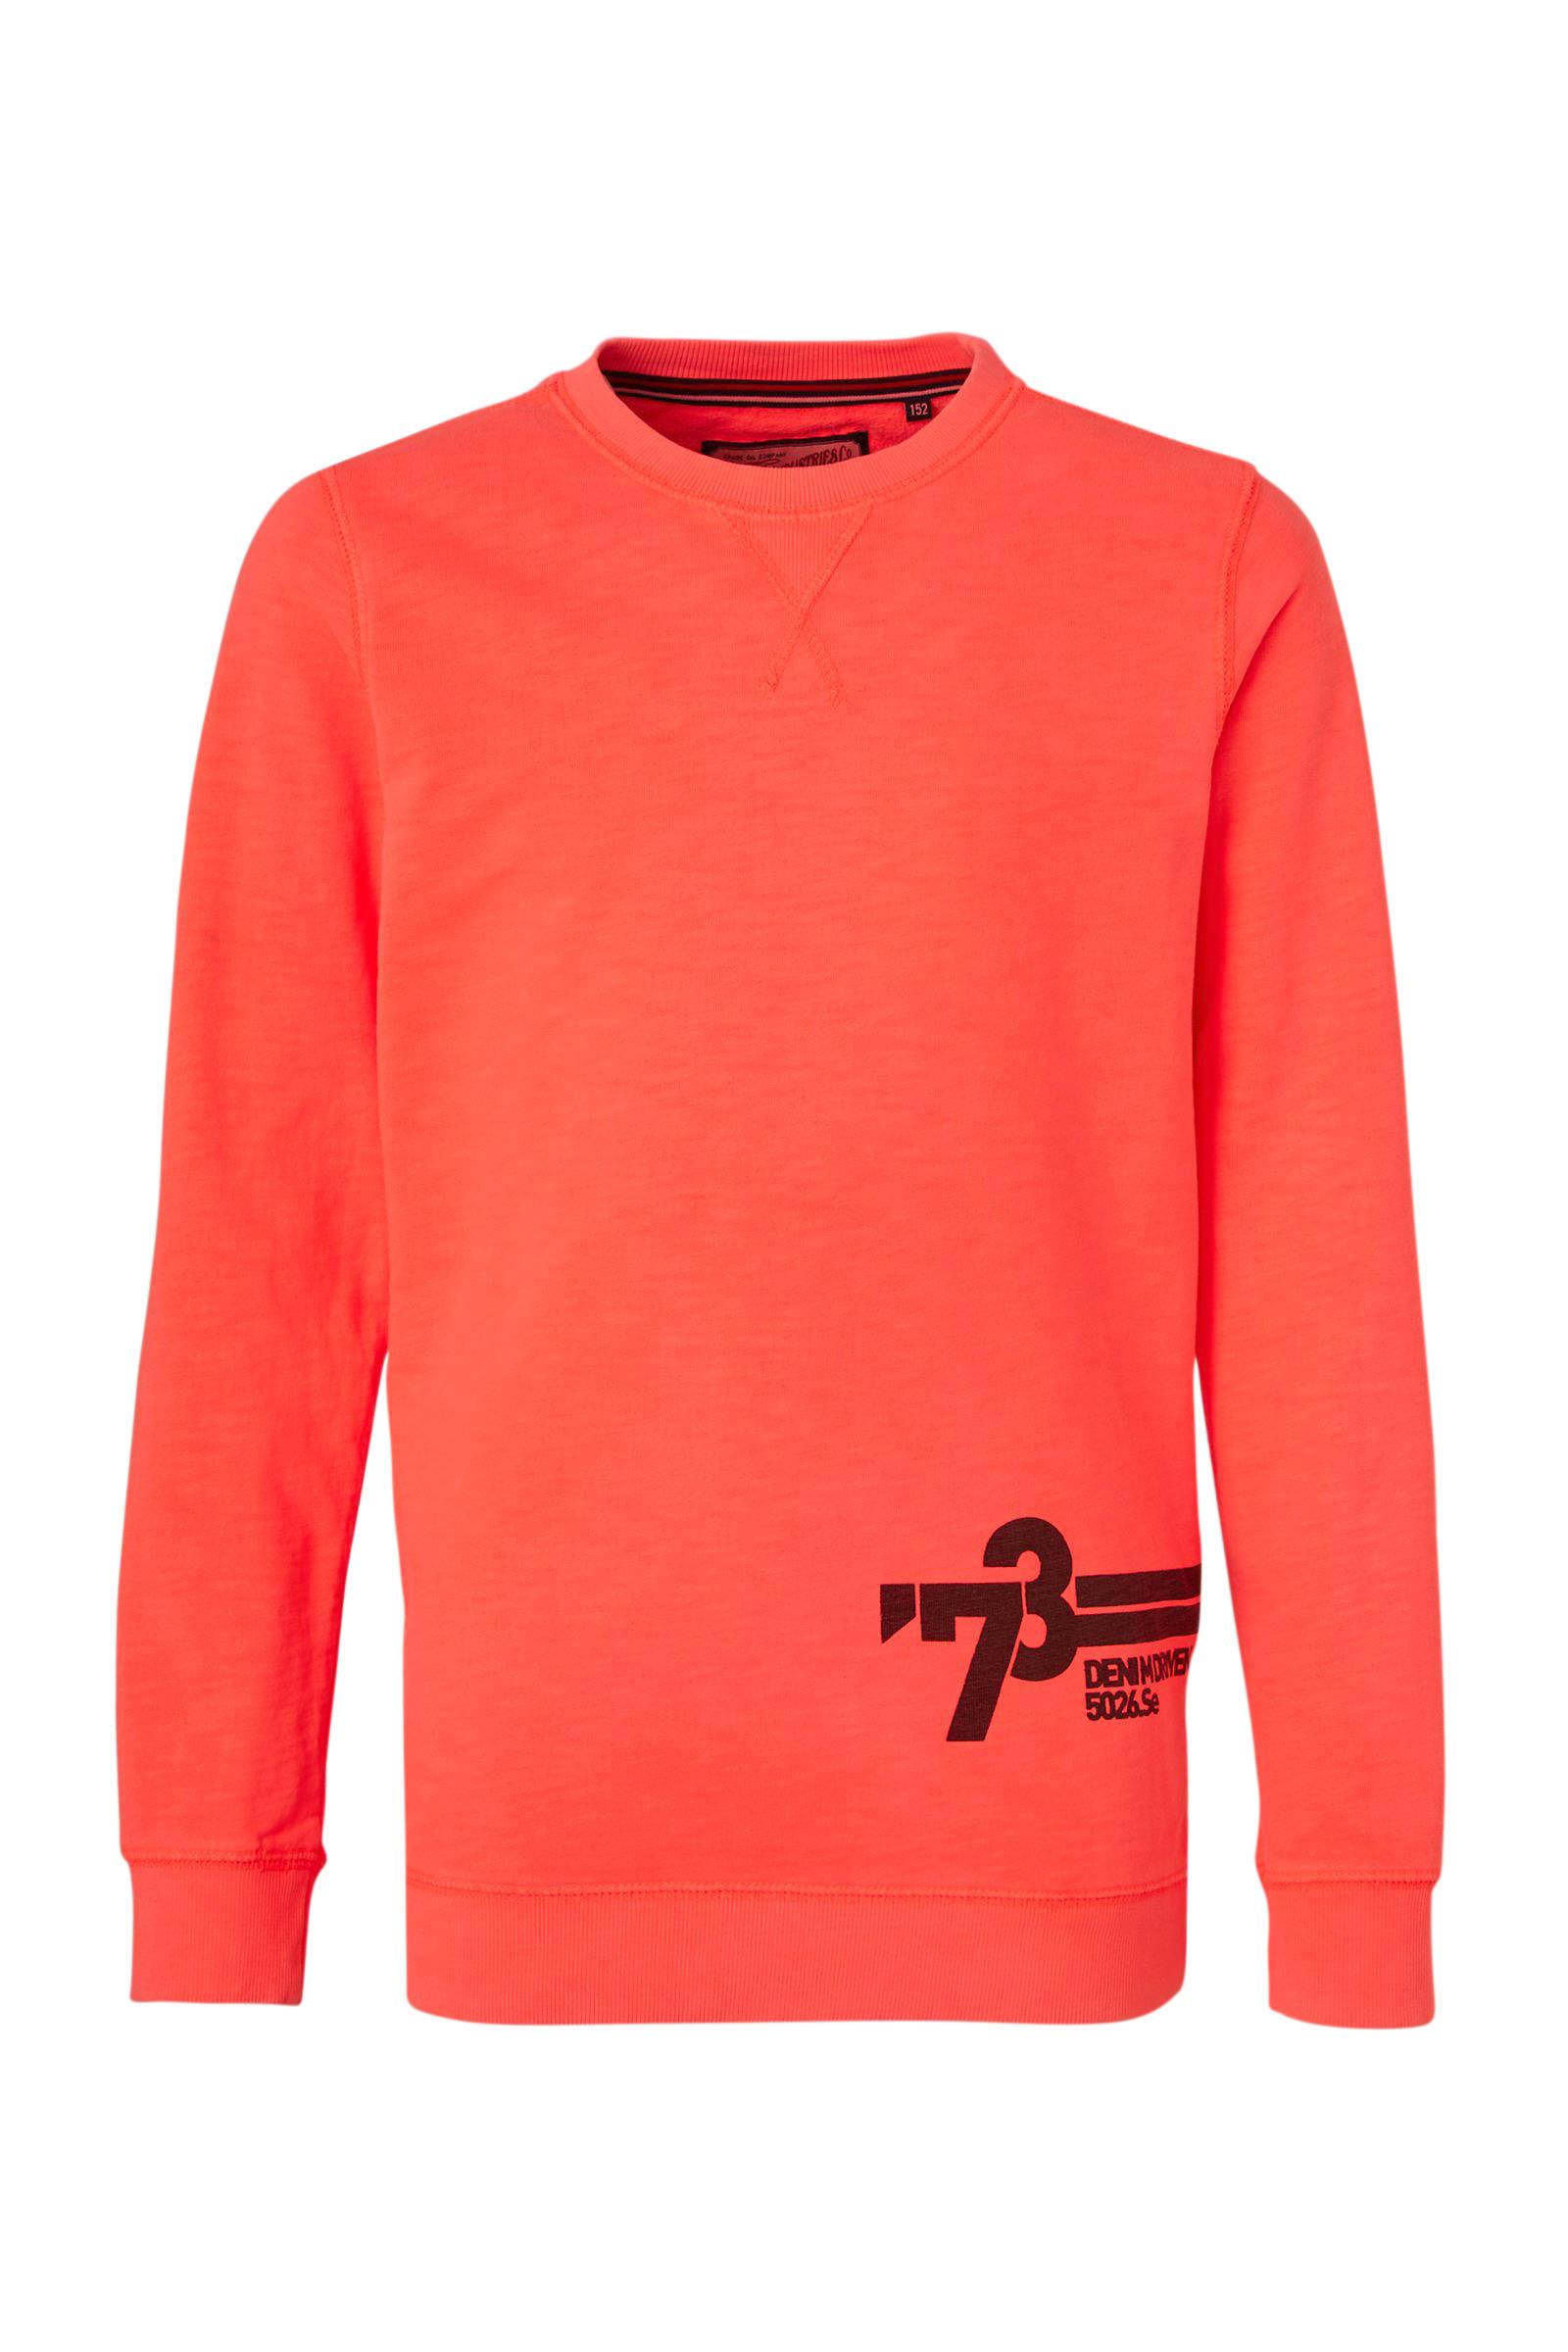 Petrol Industries sweater met printopdruk felgroen   wehkamp